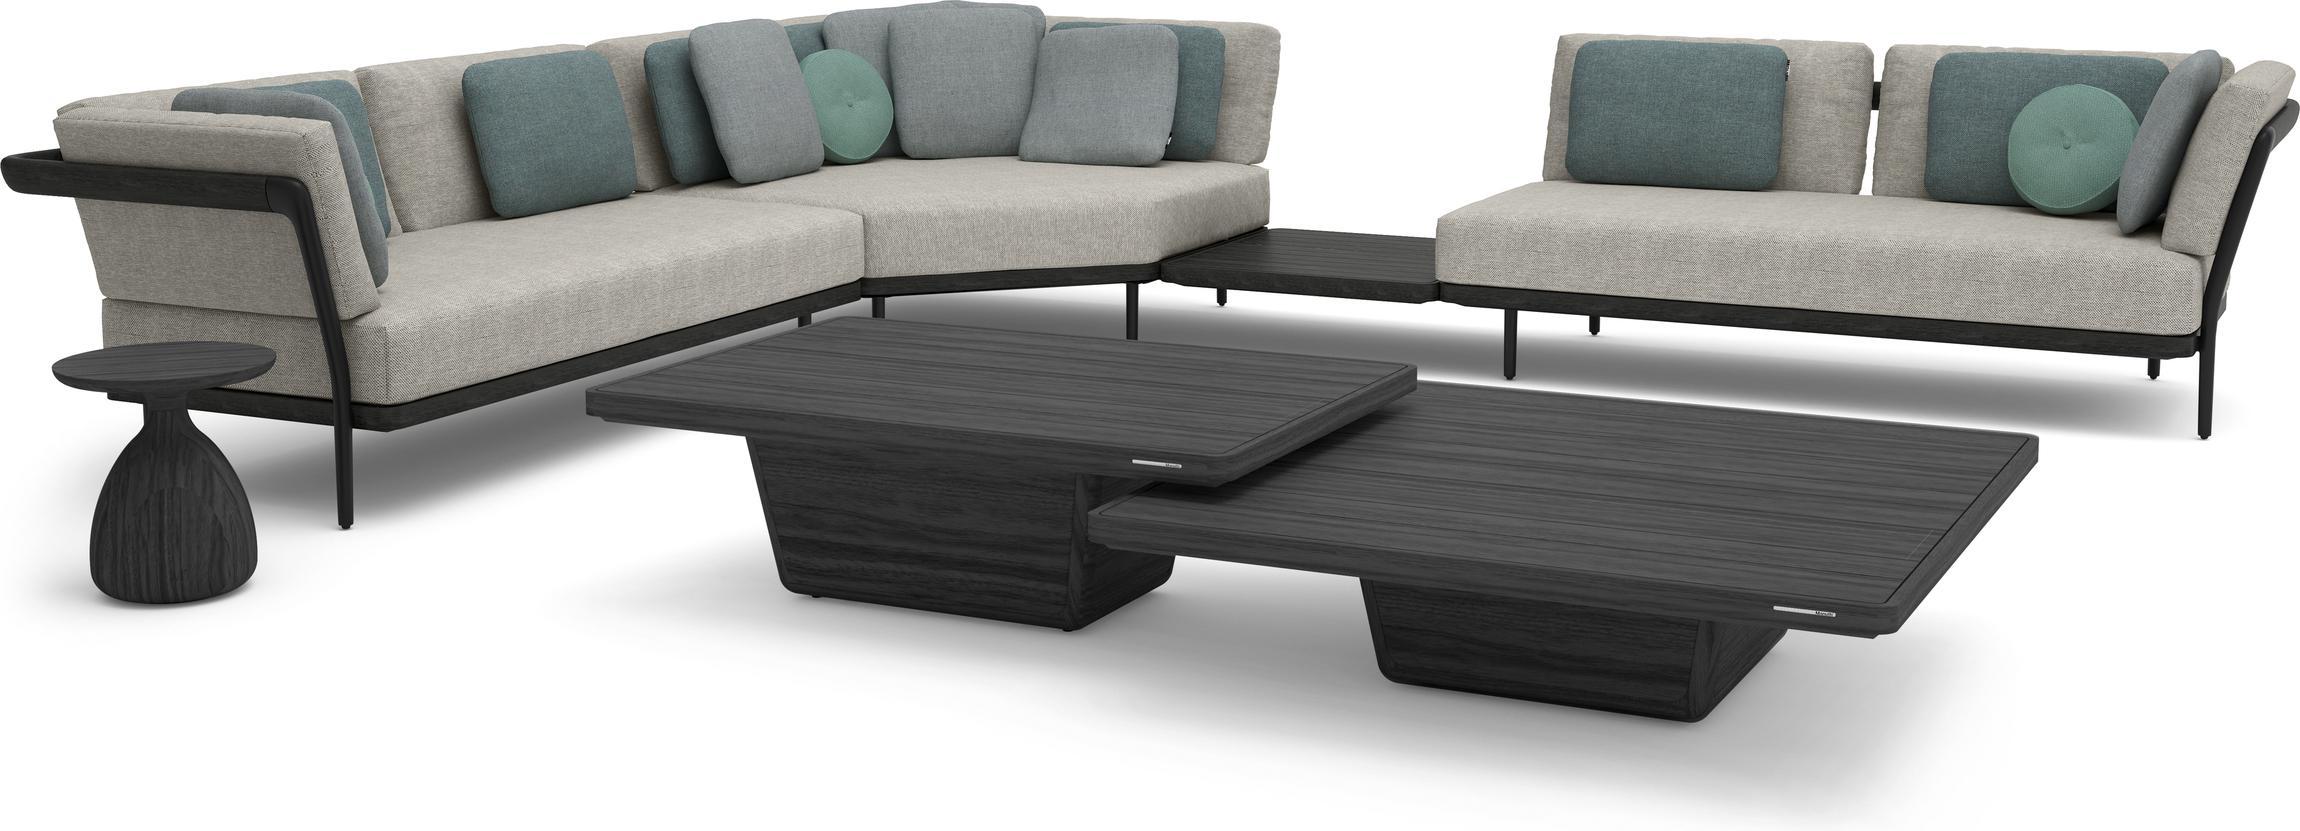 Flex Concept 1 teak nero black